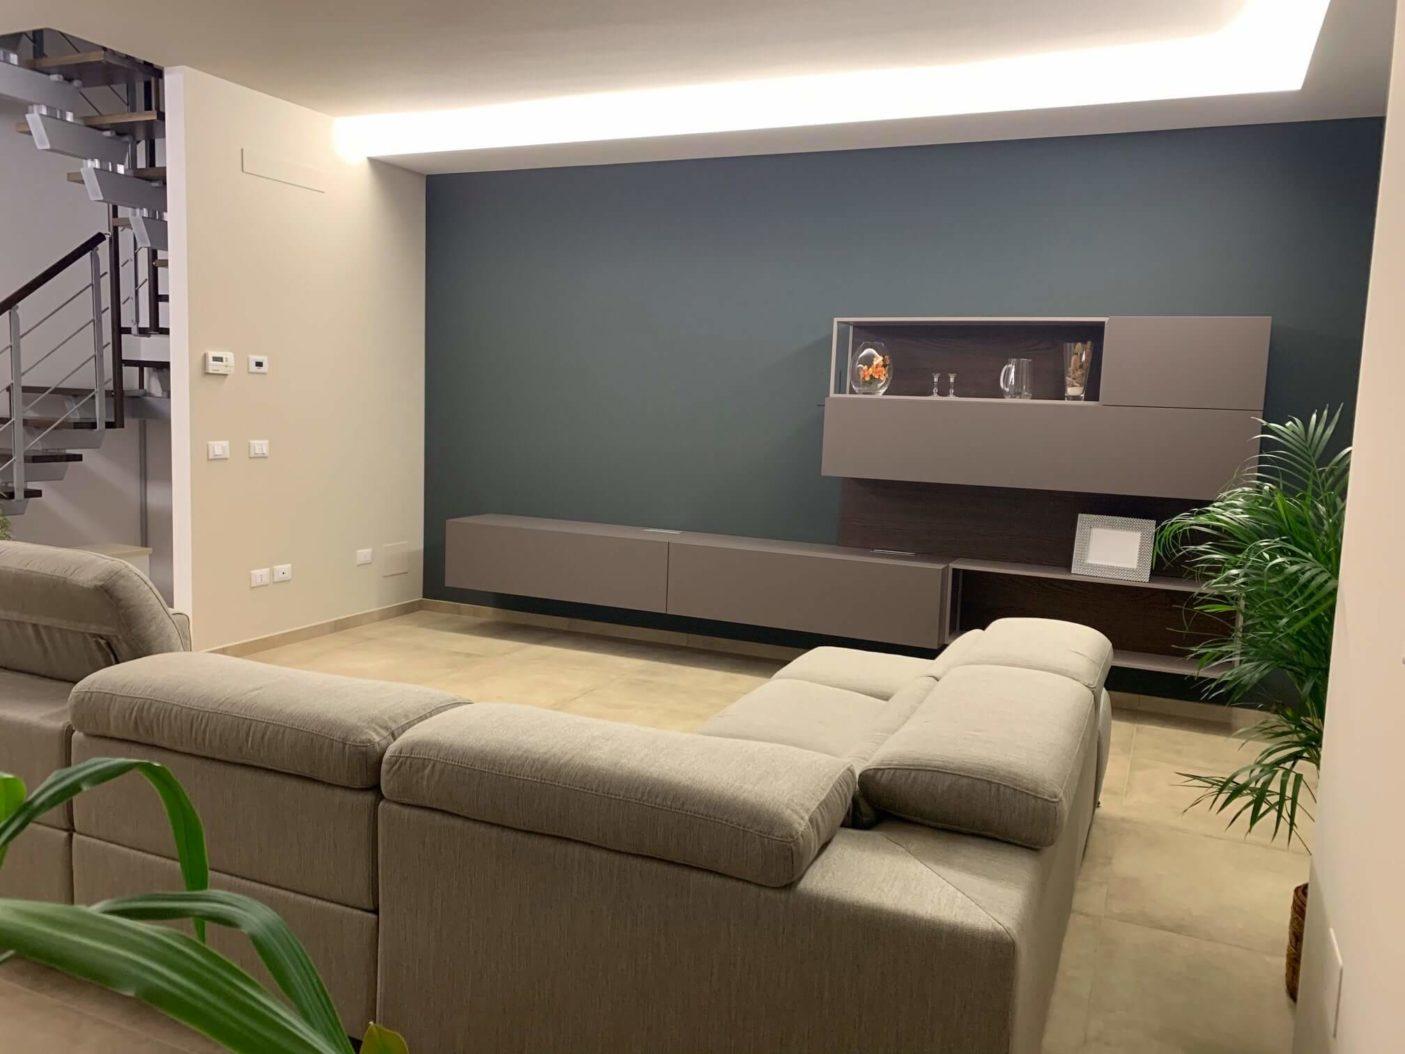 Progetto-di-Interior-Design-Orme-e-Egoitaliano1.jpg